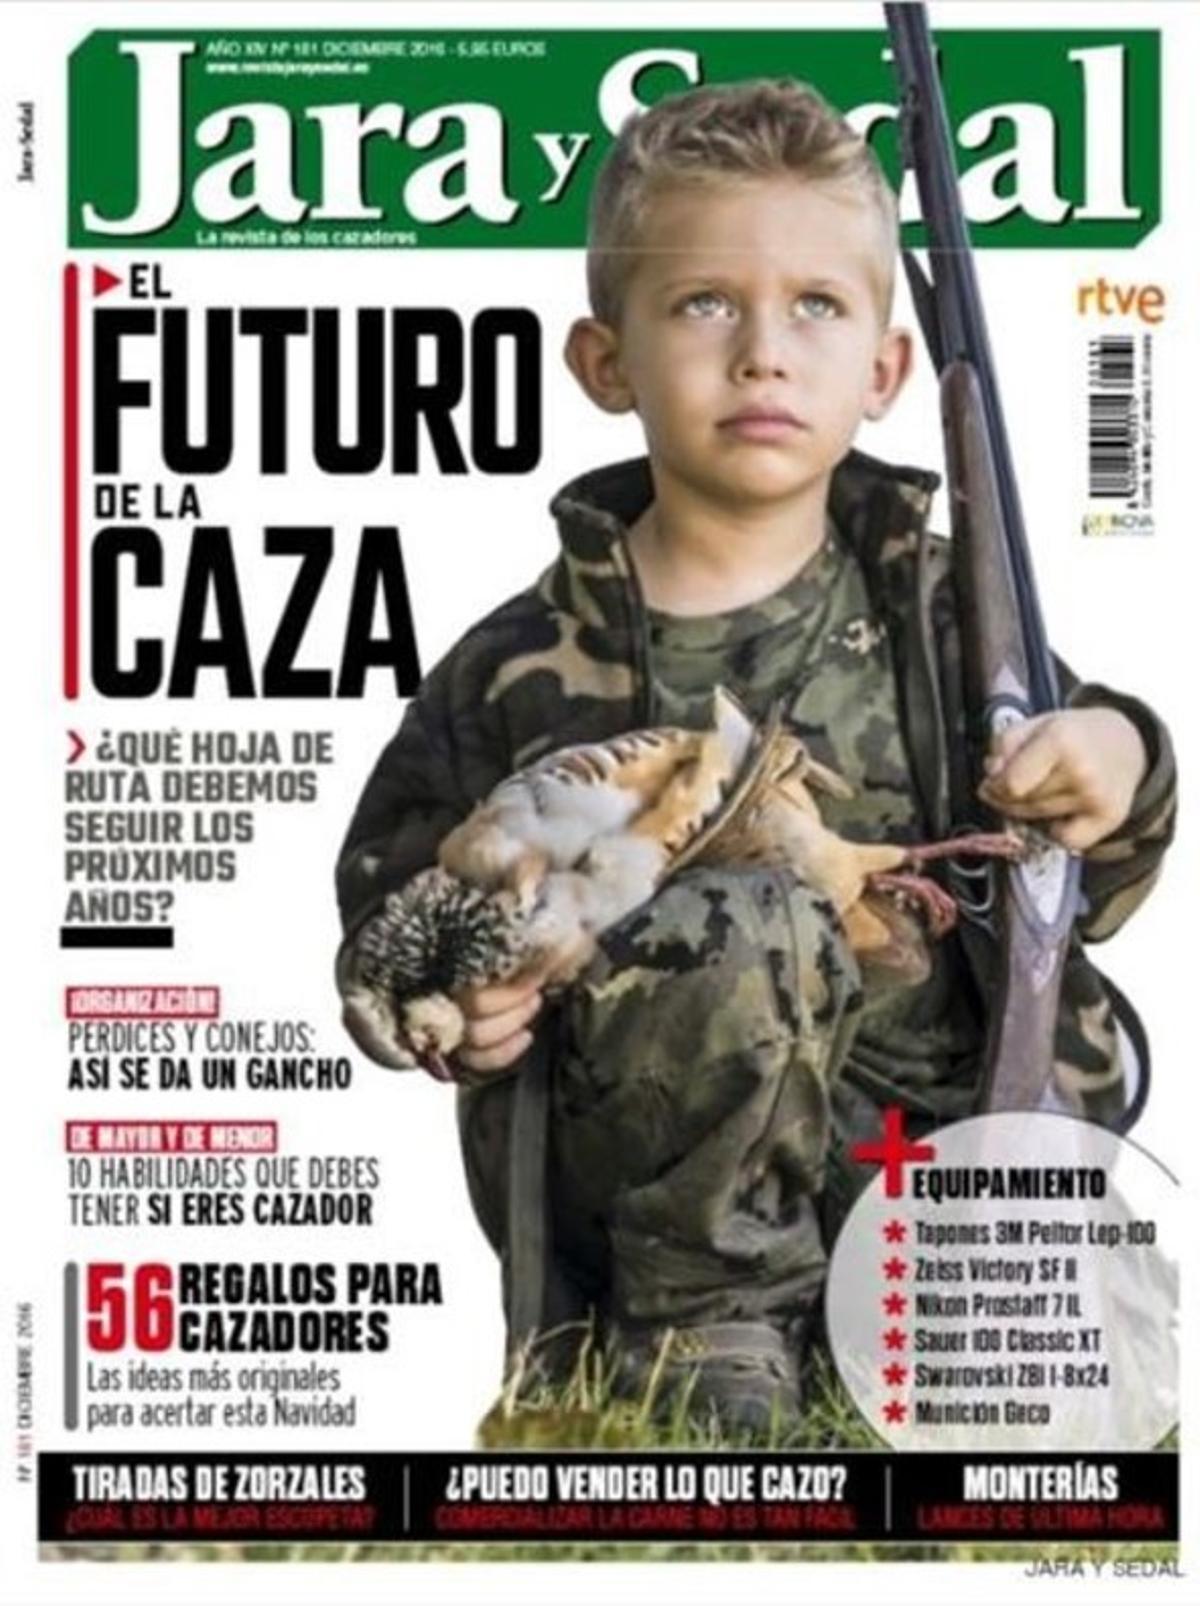 La revista Jara y Sedal pone en portada a un niño armado y suscita todo tipo de críticas